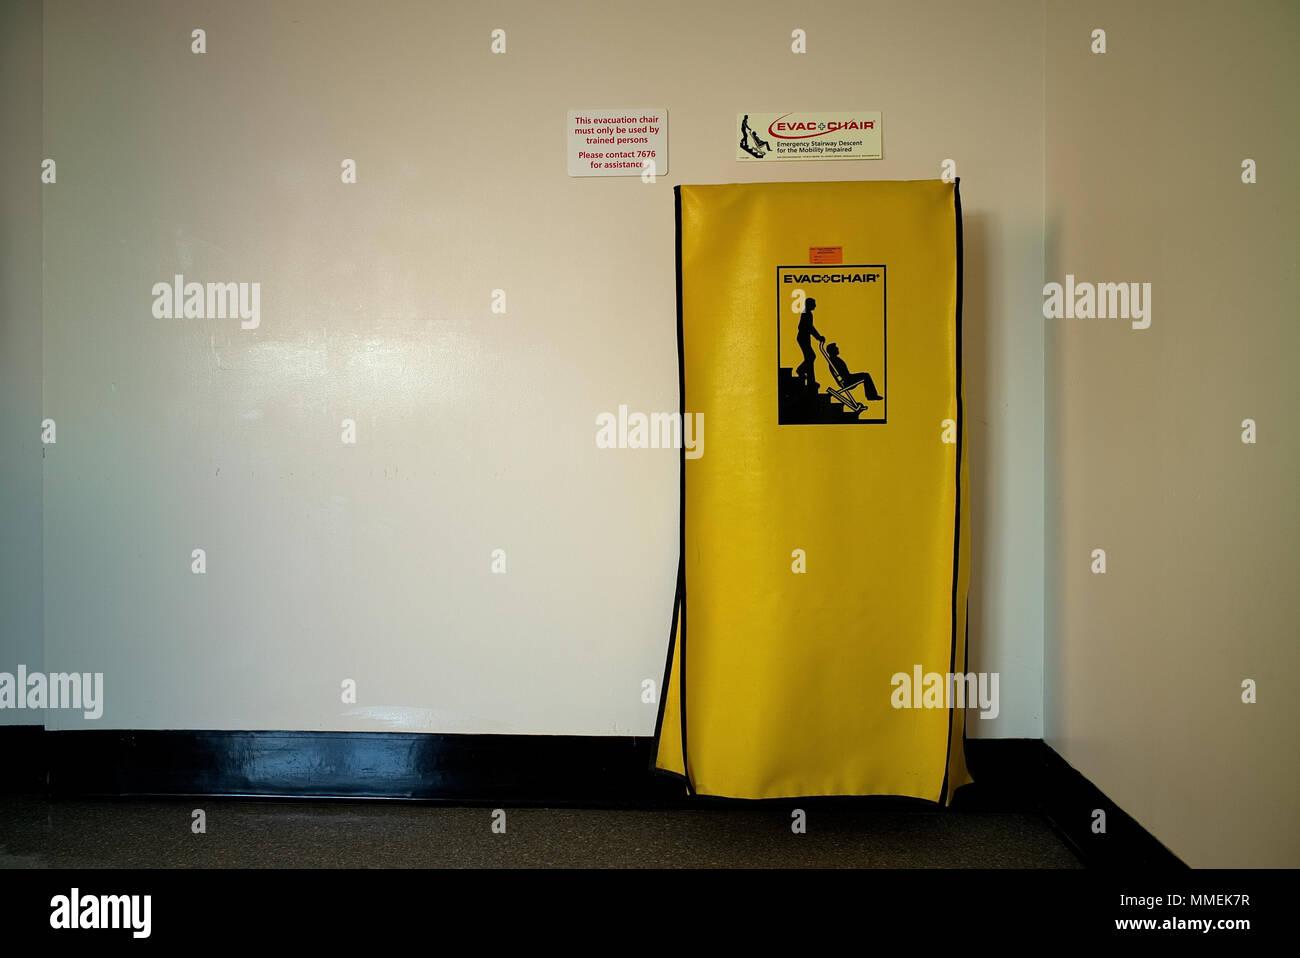 Une chaise d'évacuation est un appareil qui est utilisé au lieu d'utiliser l'ascenseur pour évacuer les personnes à mobilité réduite depuis les niveaux supérieurs/étages d'une construction Photo Stock